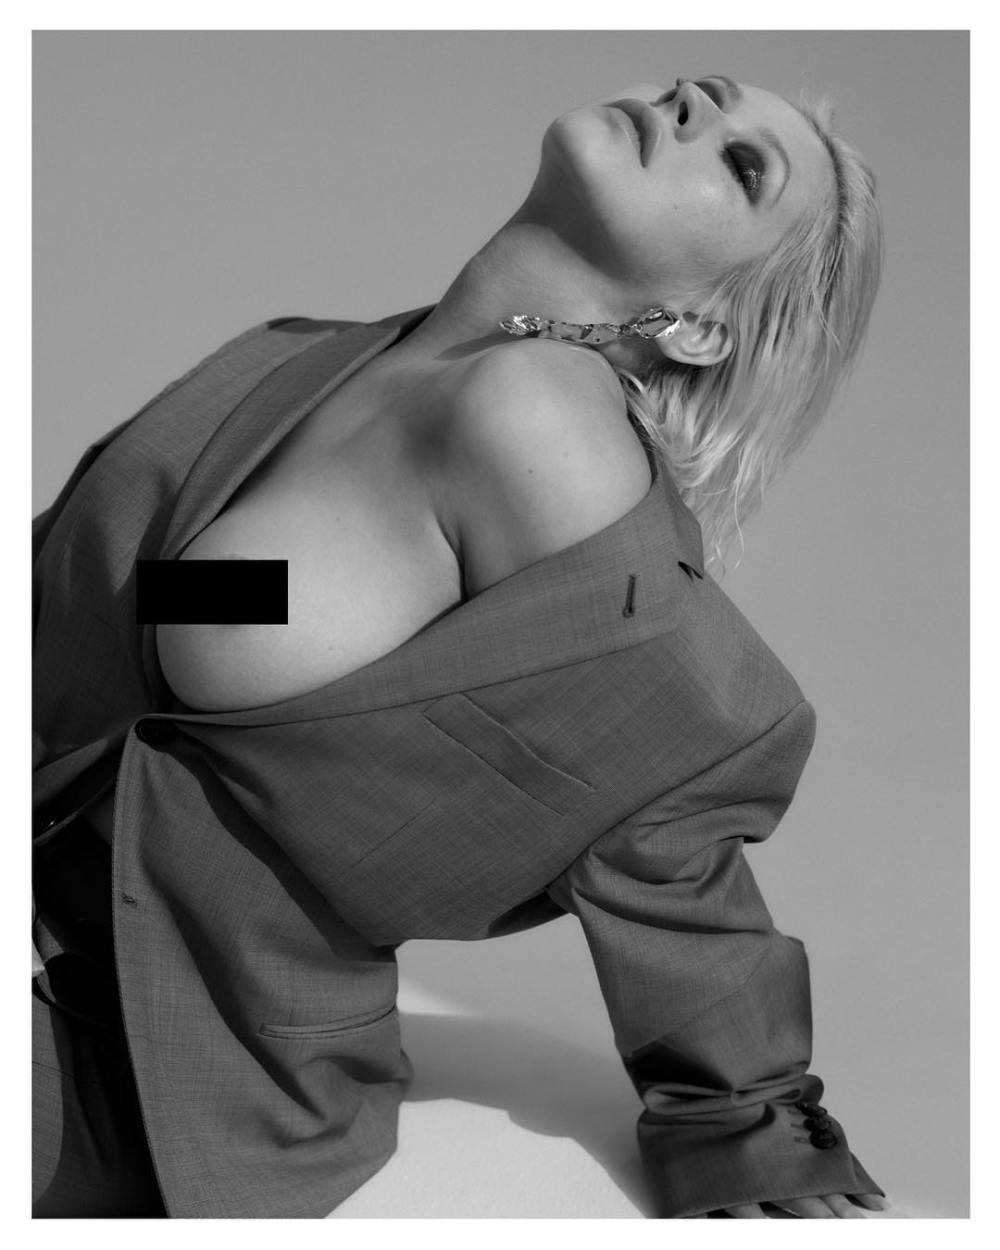 Кристина Агилера позировала топлес для обложки нового альбома — фото